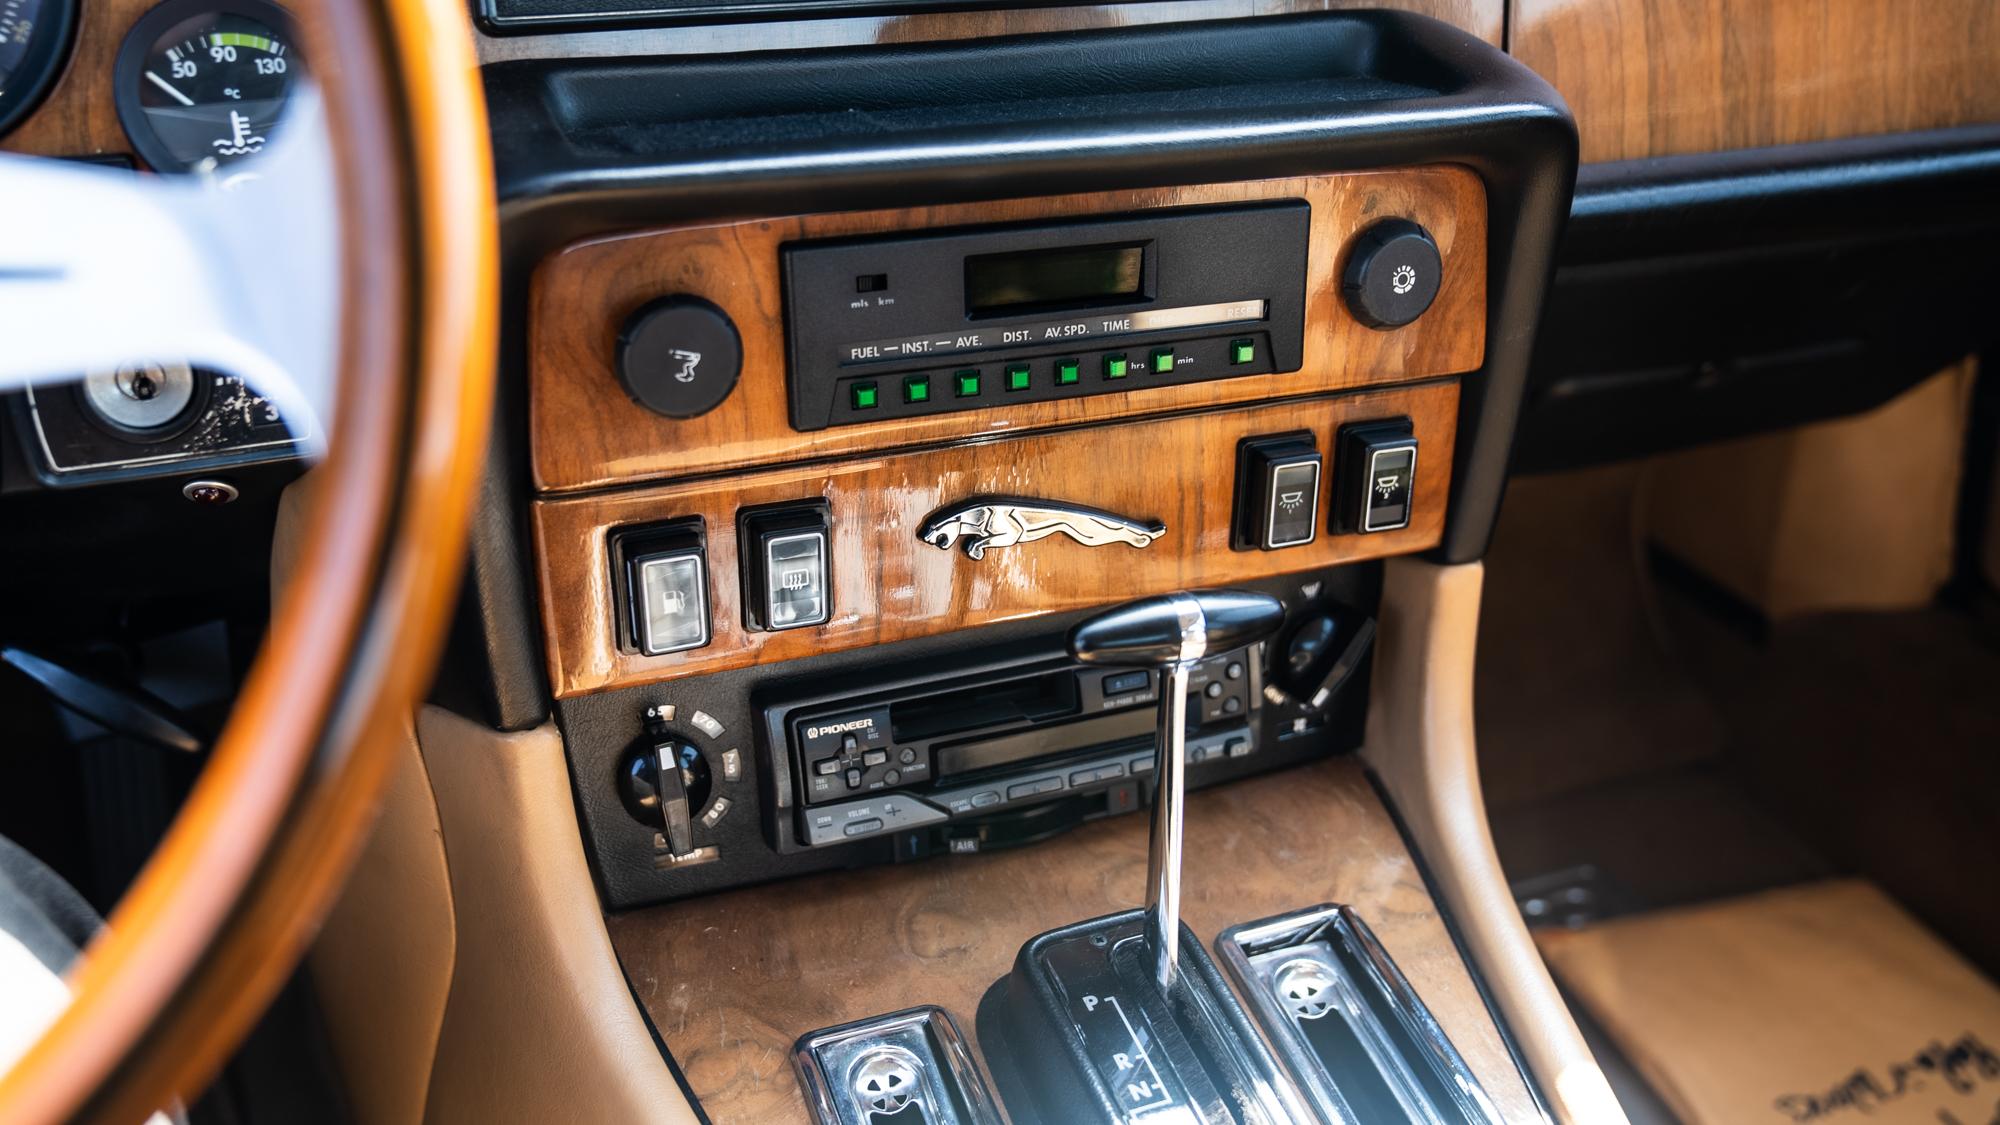 1986 Jaguar XJ6 center console